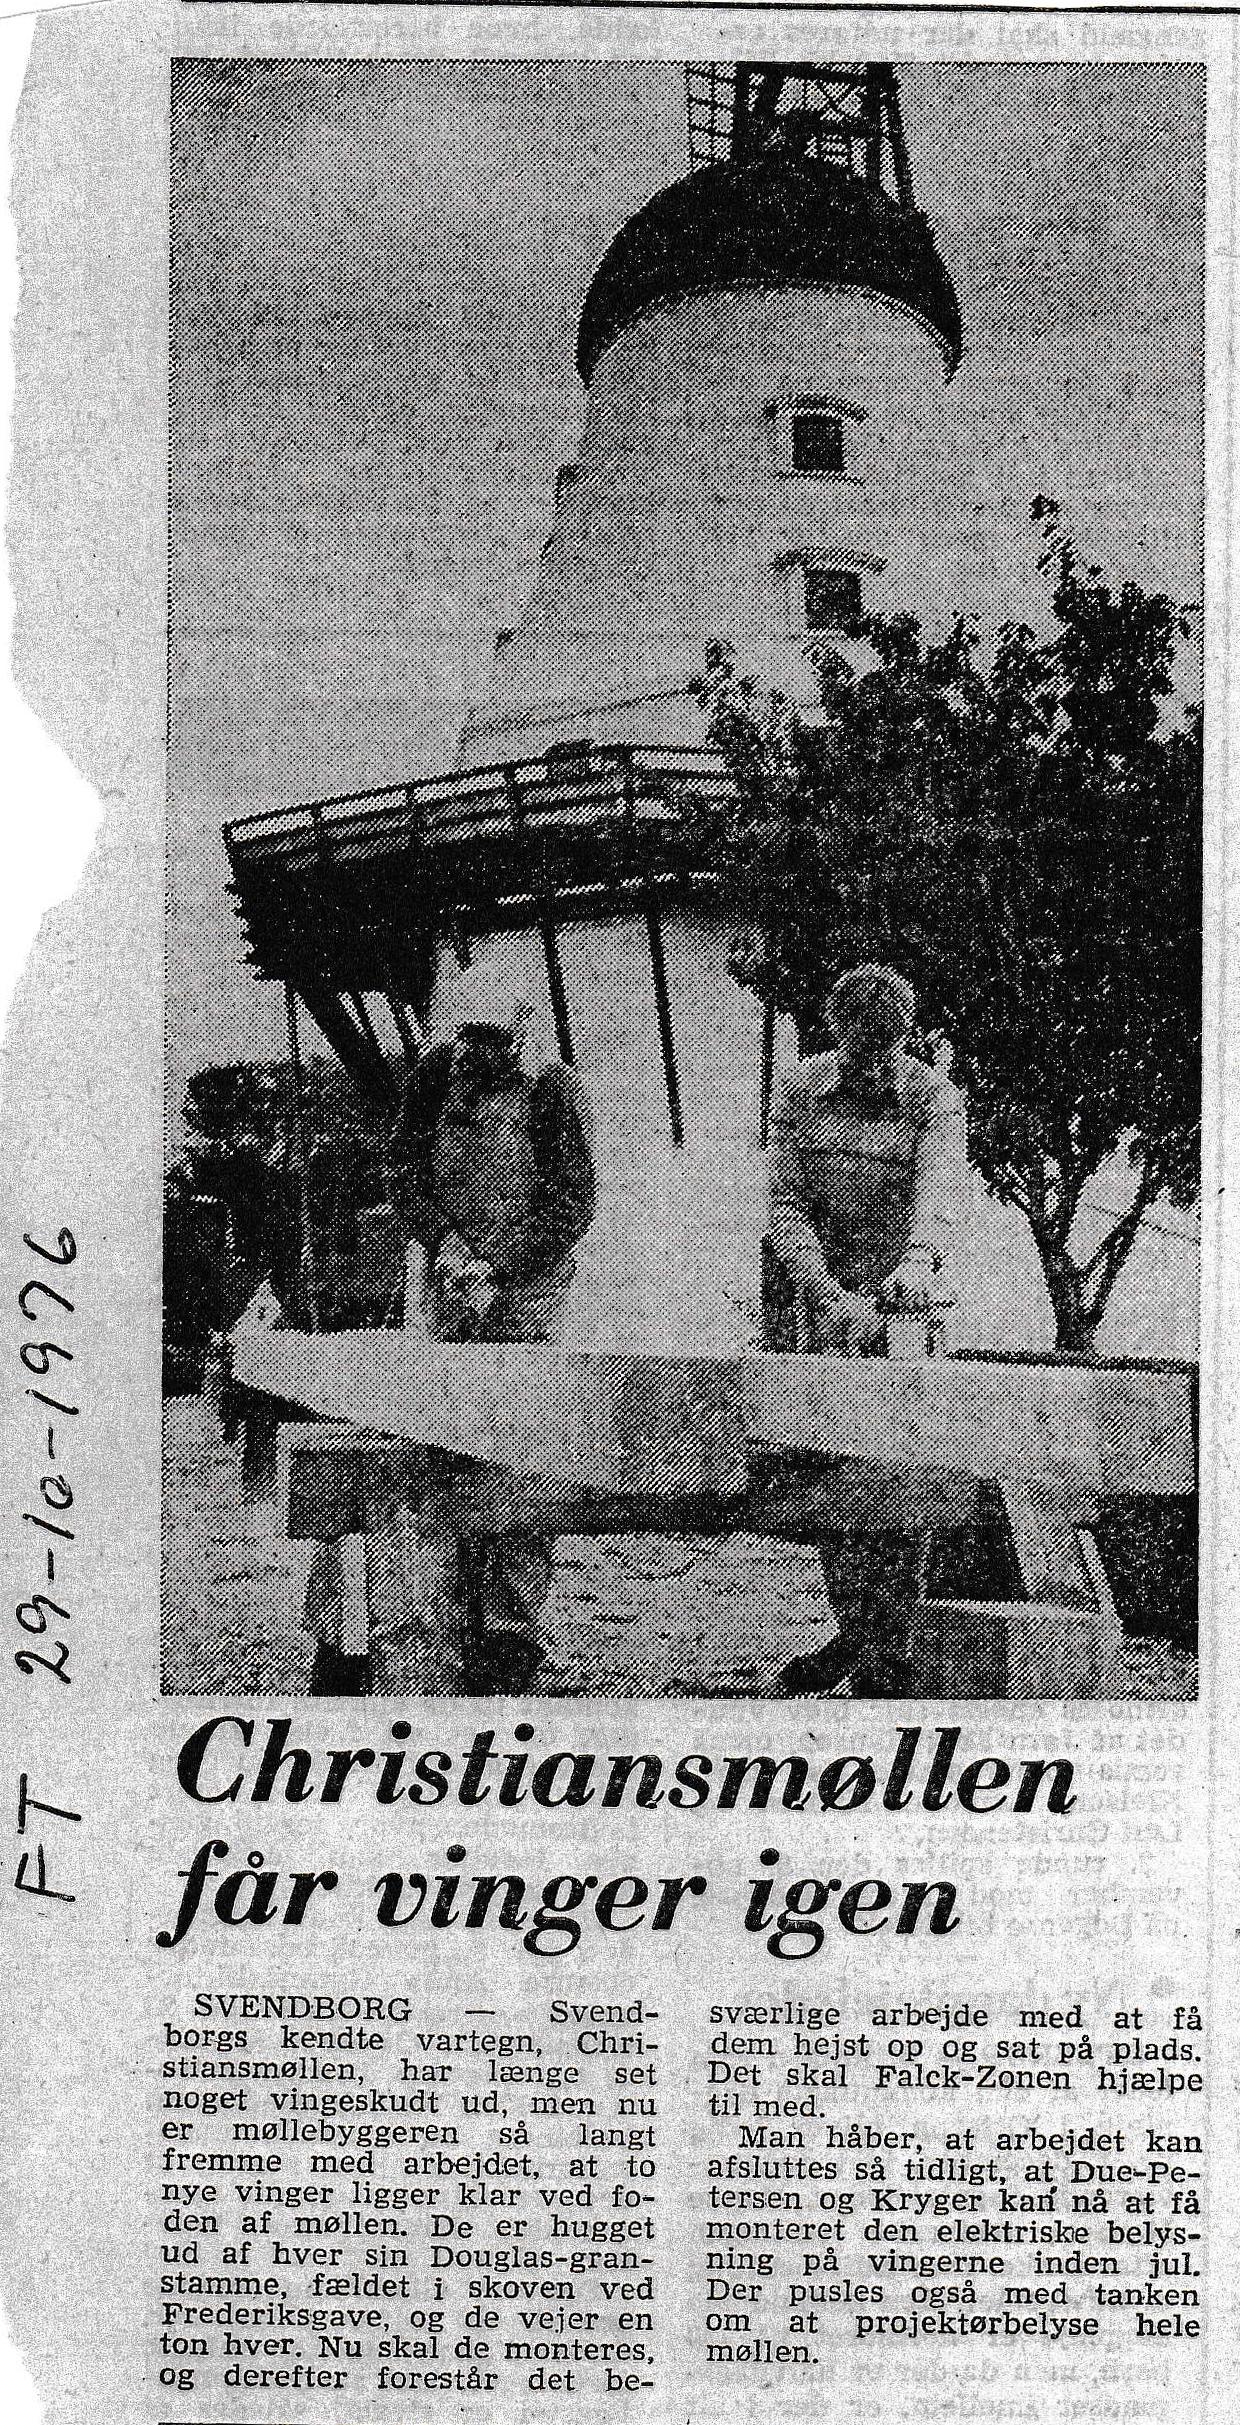 1976-10-29-faar-vinger-igen